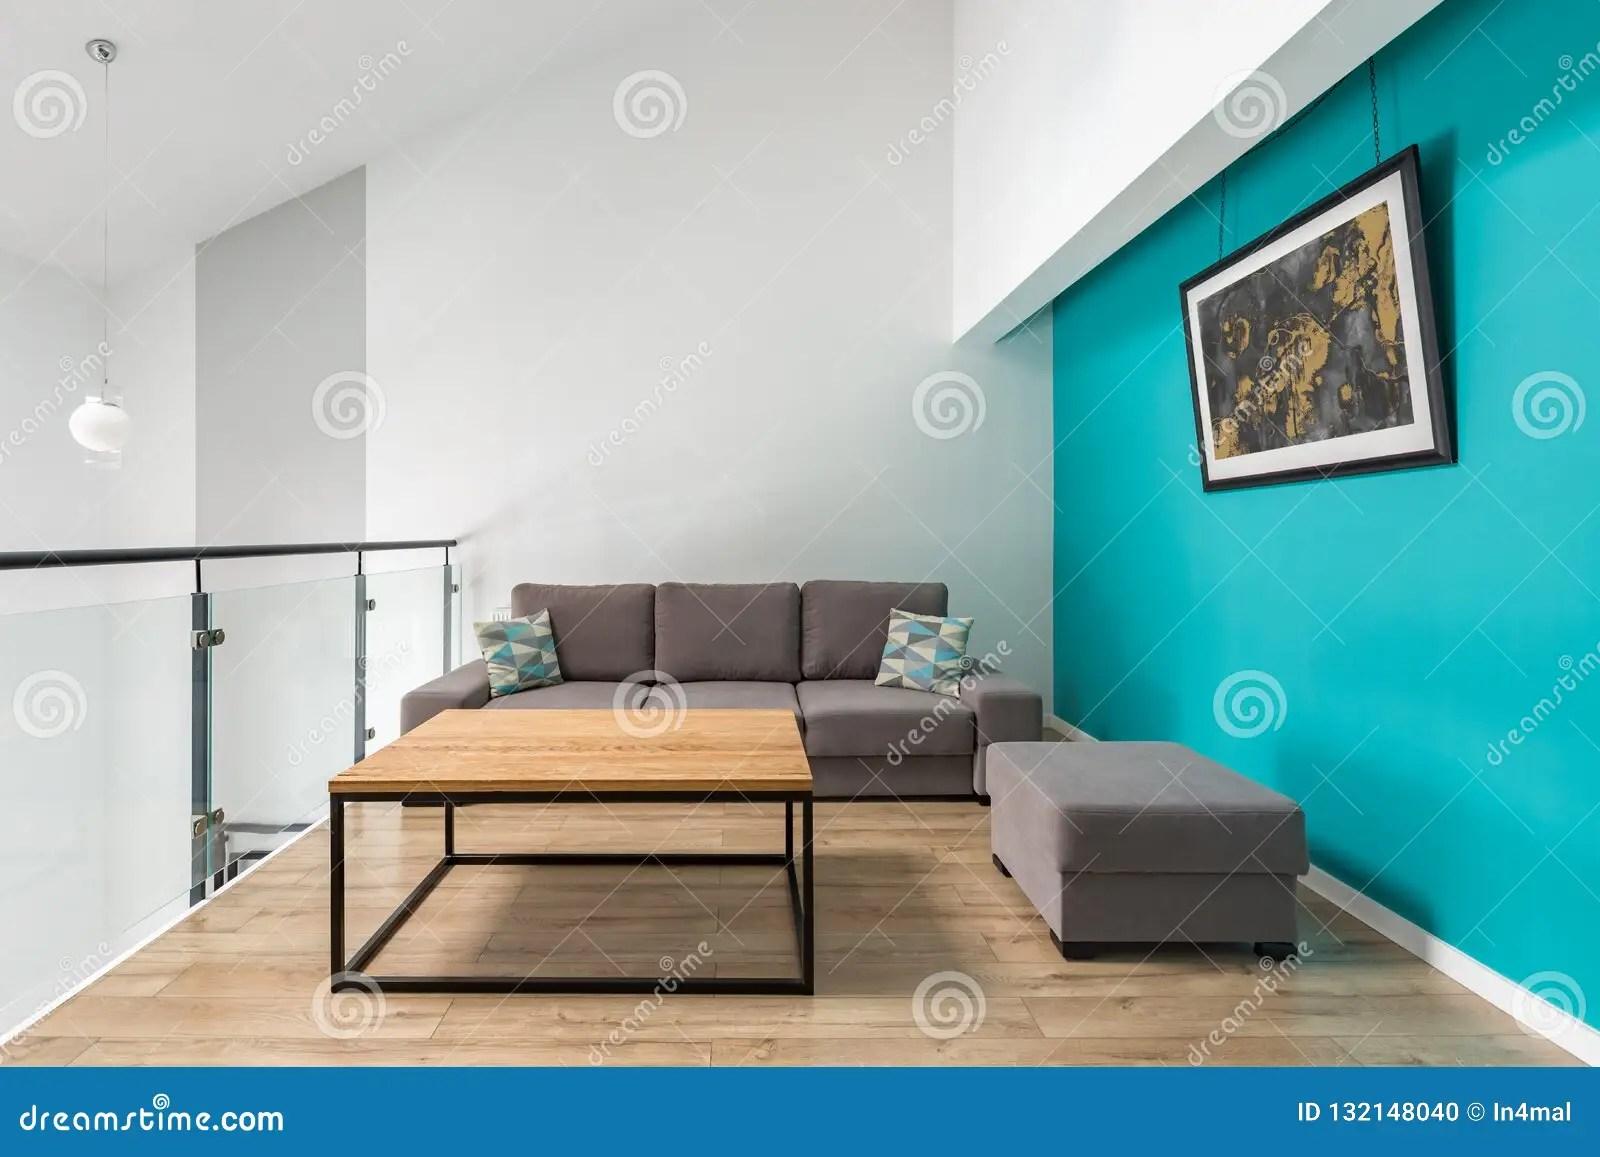 https fr dreamstime com petit salon mur turquoise image132148040